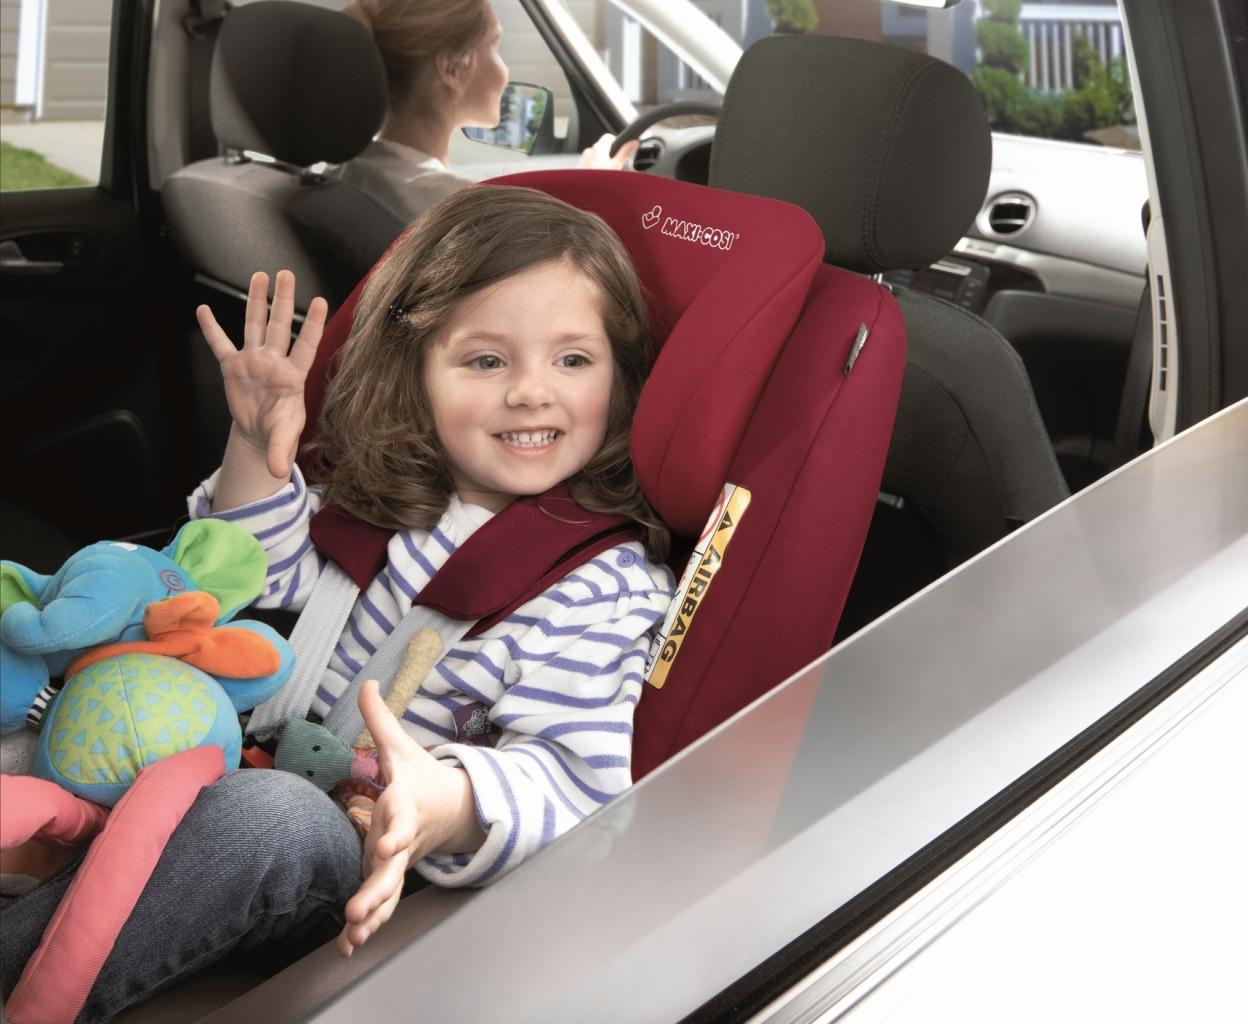 Pozdwó swojemu dziecku na jazdę tyłem najdłużej jak to możliwe! To najlepsze, co możesz zrobić. Nie słuchaj rad sąsiadek i babć. To Twoje dziecko i to od Ciebie zależy w jakim stopniu zapewnisz mu bezpieczeństwo.